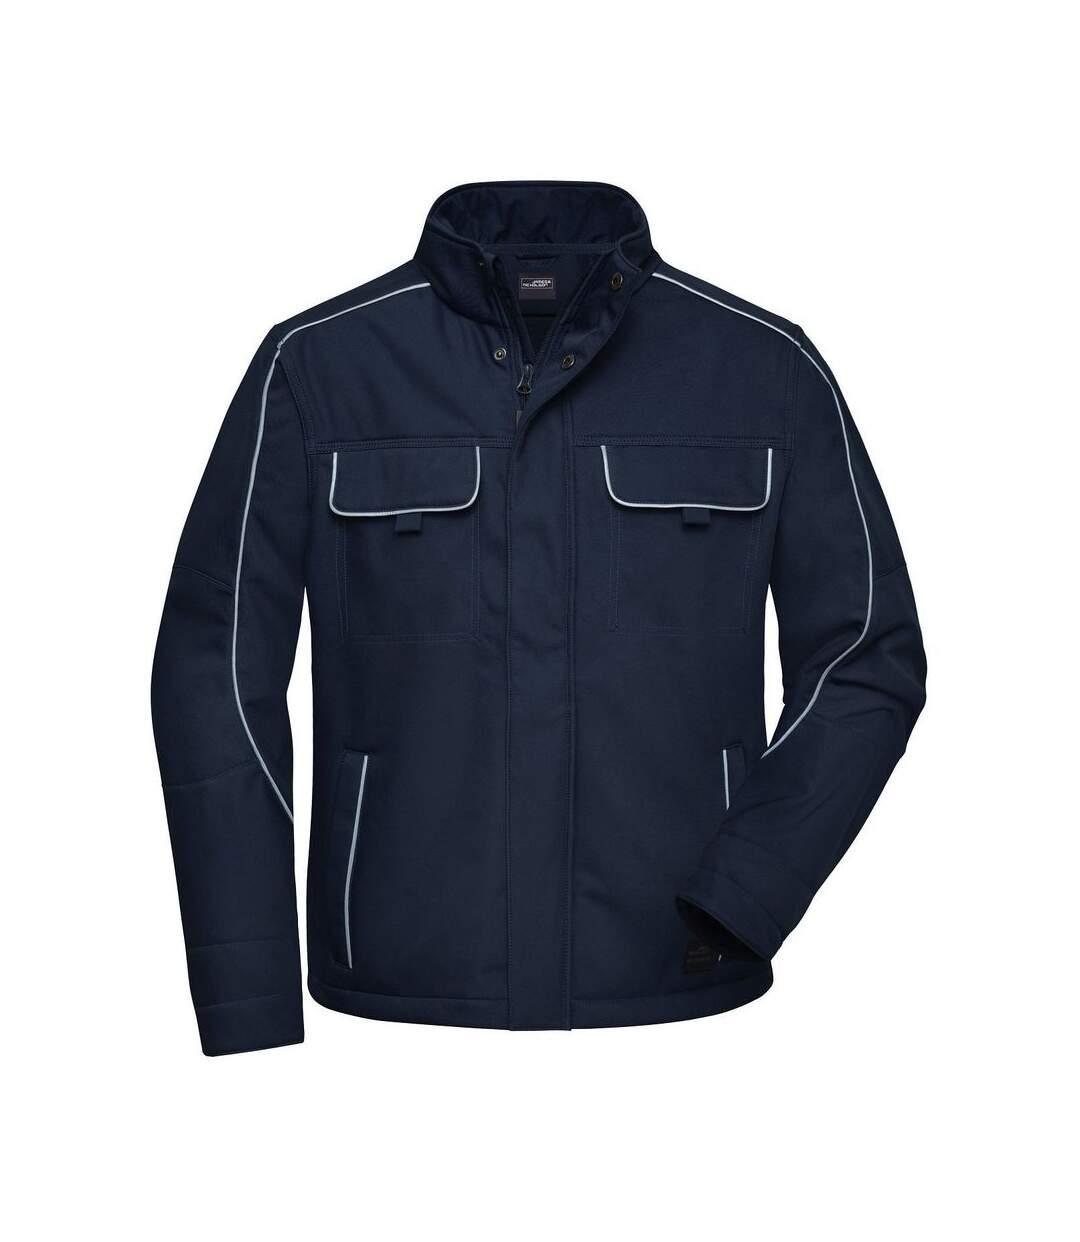 Veste blouson de travail légère softshell mixte - JN884 - bleu marine